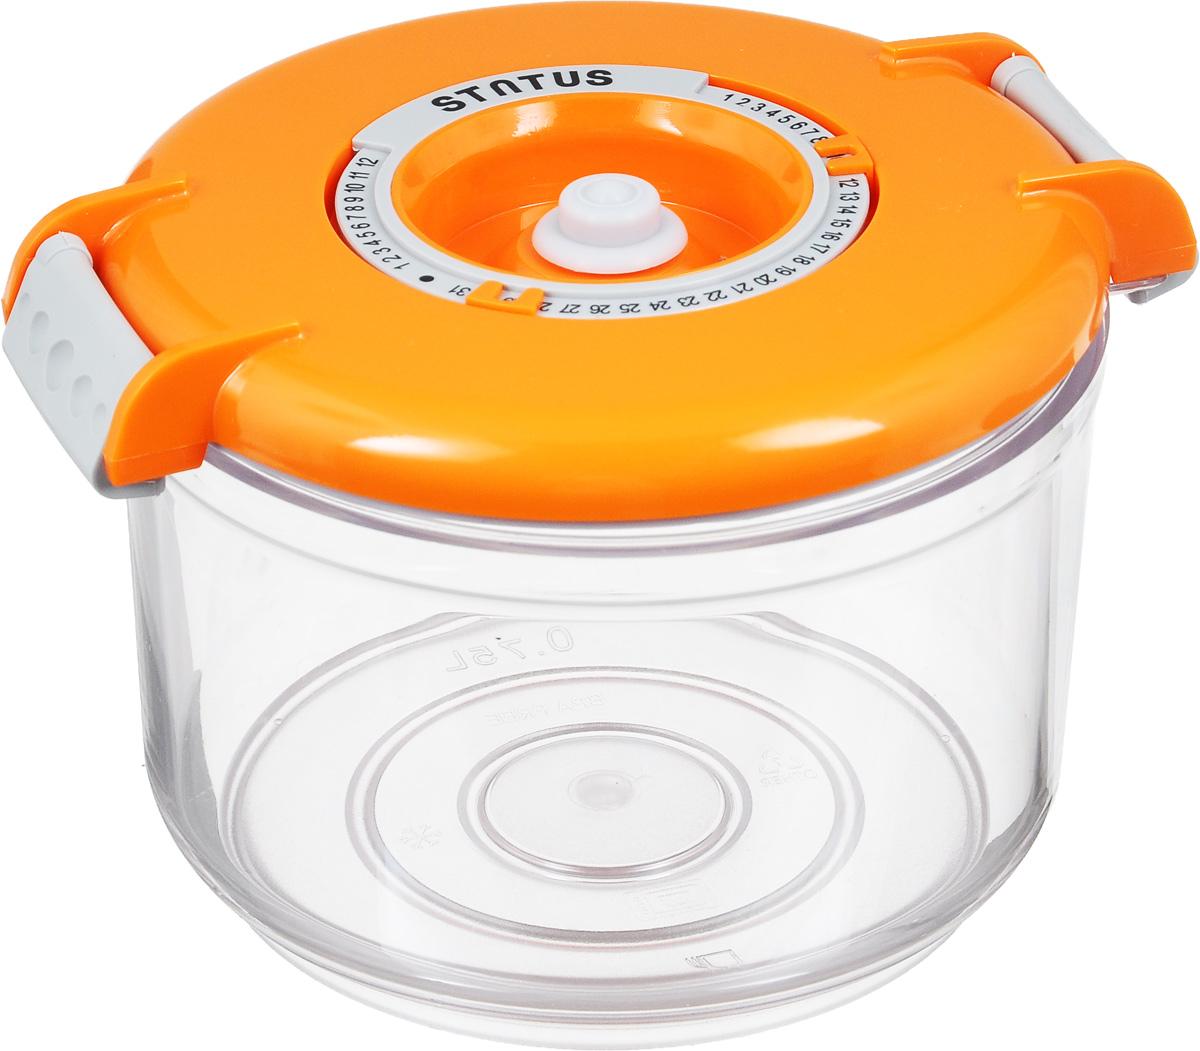 Контейнер вакуумный Status, с индикатором даты срока хранения, 0,75 лVT-1520(SR)Вакуумный контейнер Status выполнен из хрустально-прозрачного прочного тритана. Благодаря вакууму, продукты не подвергаются внешнему воздействию, и срок хранения значительно увеличивается, сохраняют свои вкусовые качества и аромат, а запахи в холодильнике не перемешиваются. Допускается замораживание до -21°C, мойка контейнера в посудомоечной машине, разогрев в СВЧ (без крышки). Рекомендовано хранение следующих продуктов: макаронные изделия, крупа, мука, кофе в зёрнах, сухофрукты, супы, соусы. Контейнер имеет индикатор даты, который позволяет отмечать дату конца срока годности продуктов.Размер контейнера (с учетом крышки): 13 х 13 х 10 см.